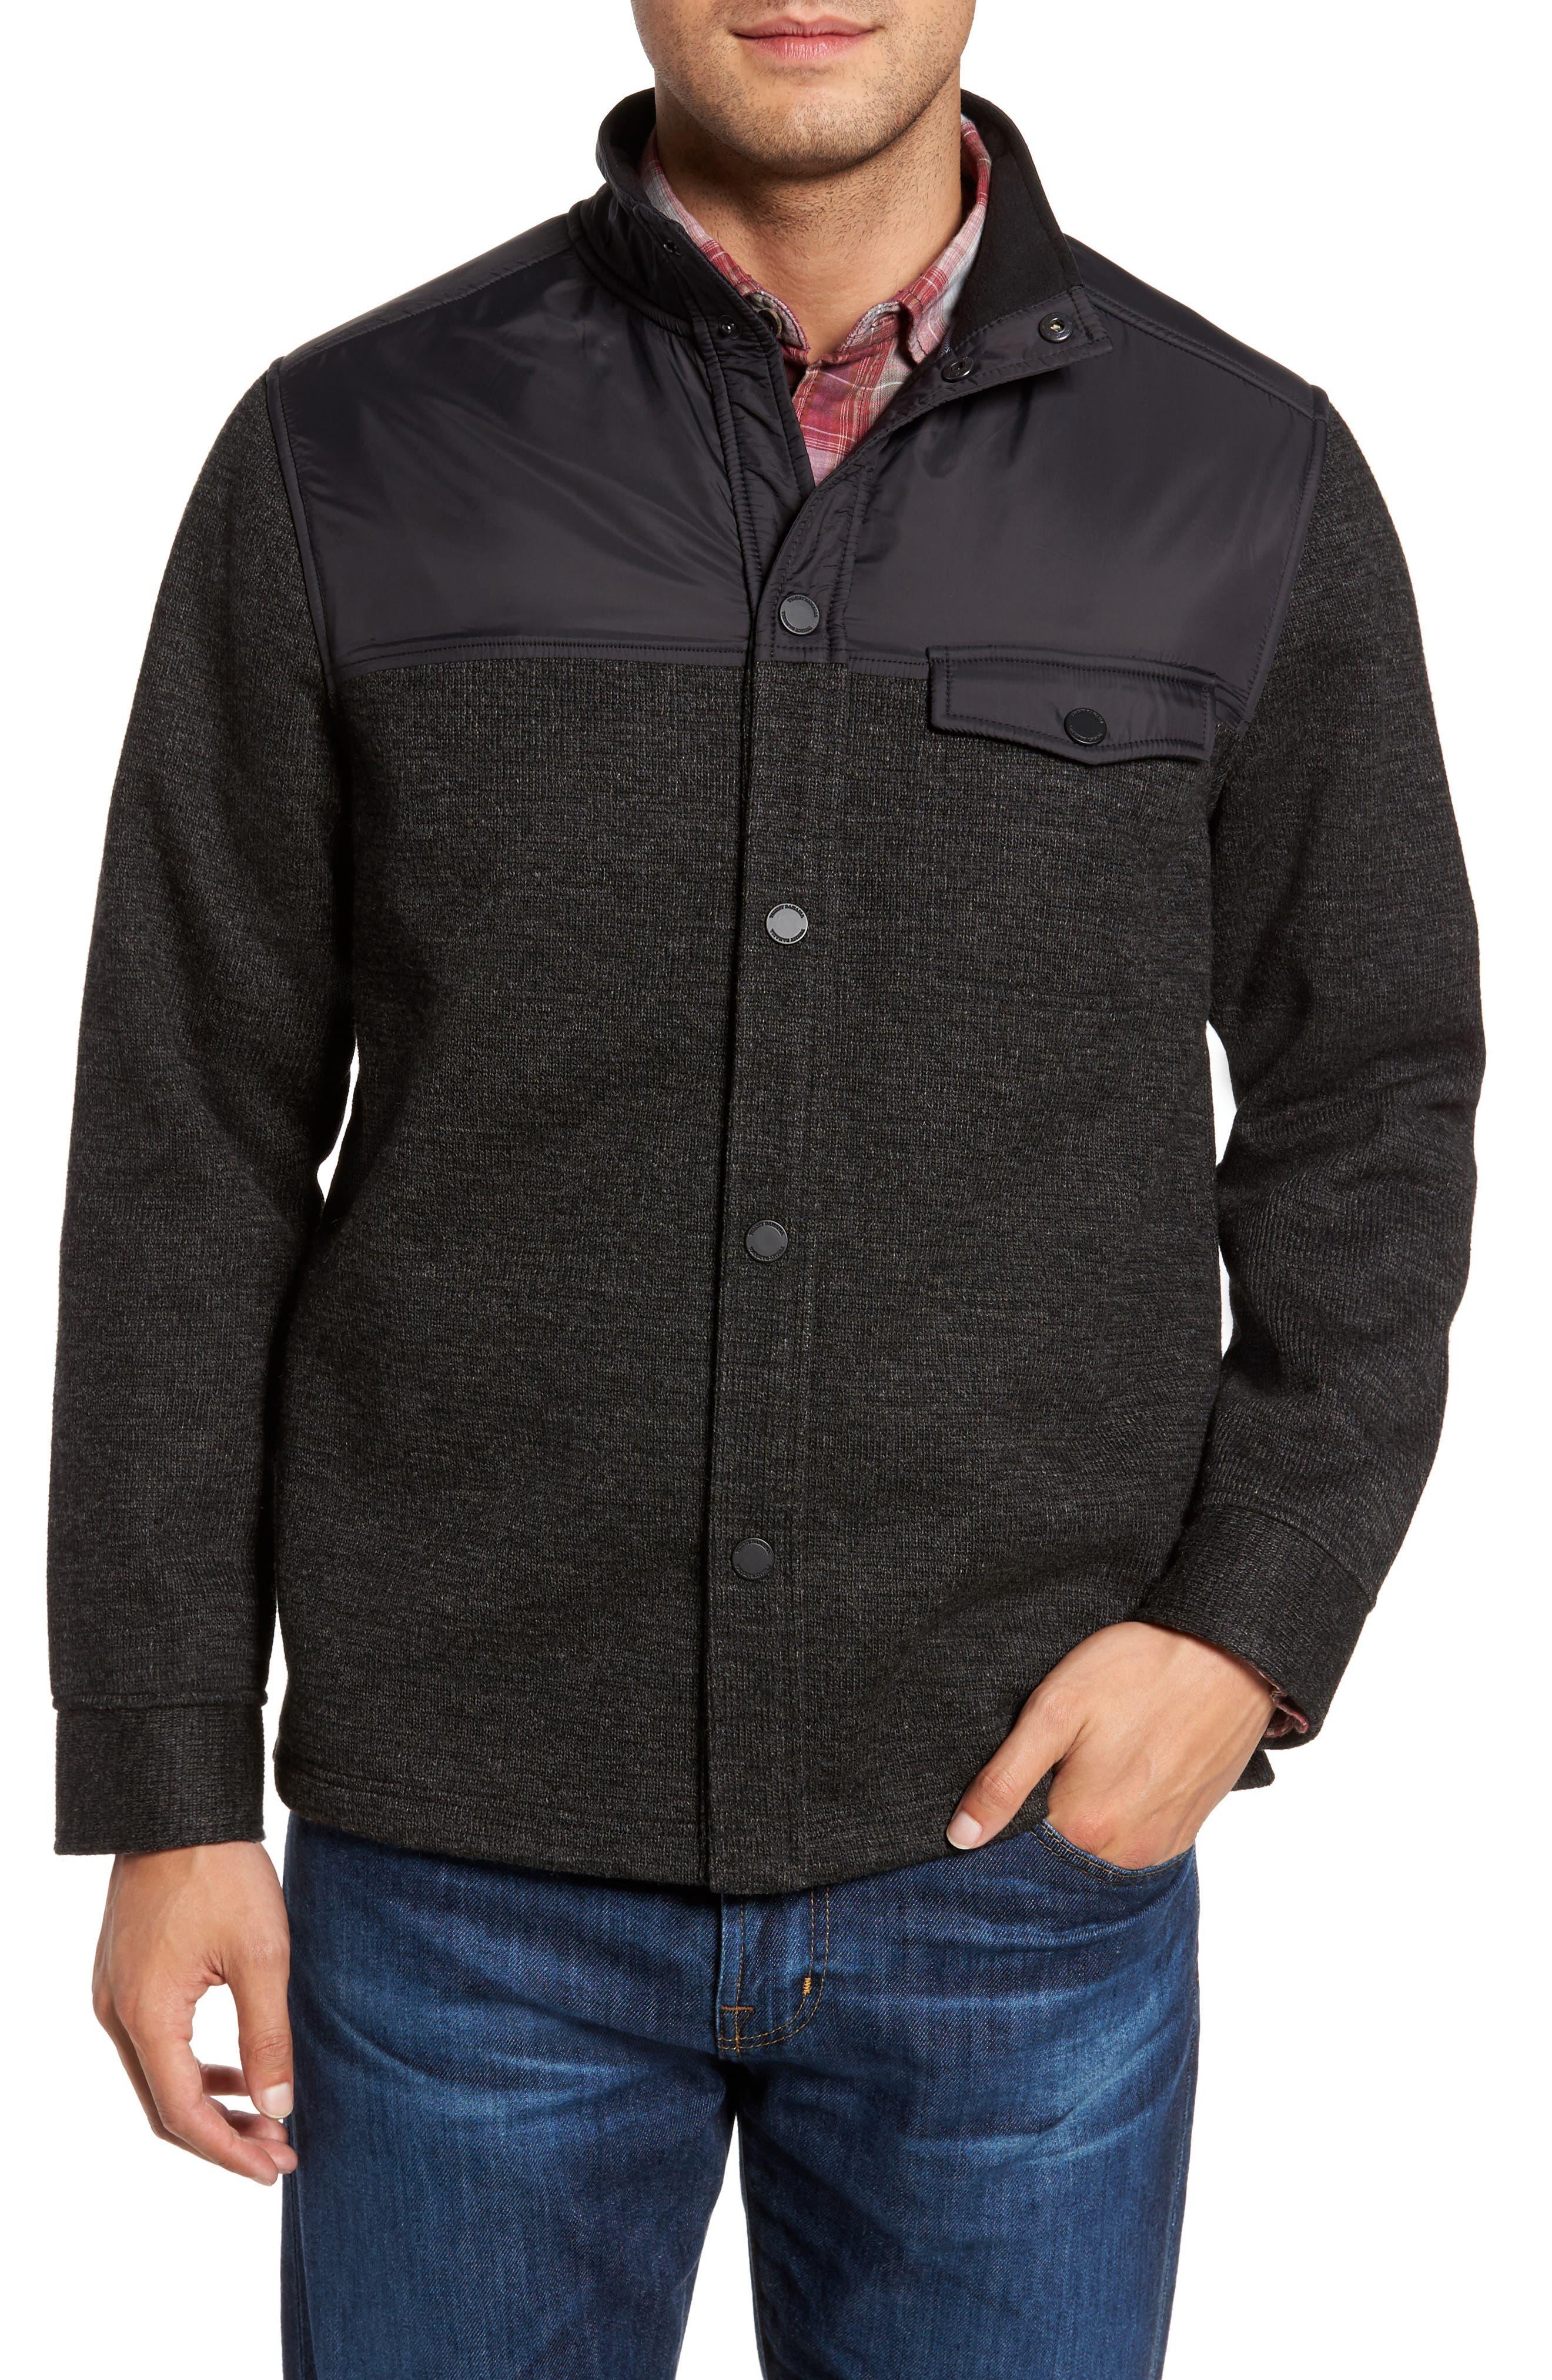 Tommy Bahama Lancaster CPO Jacket